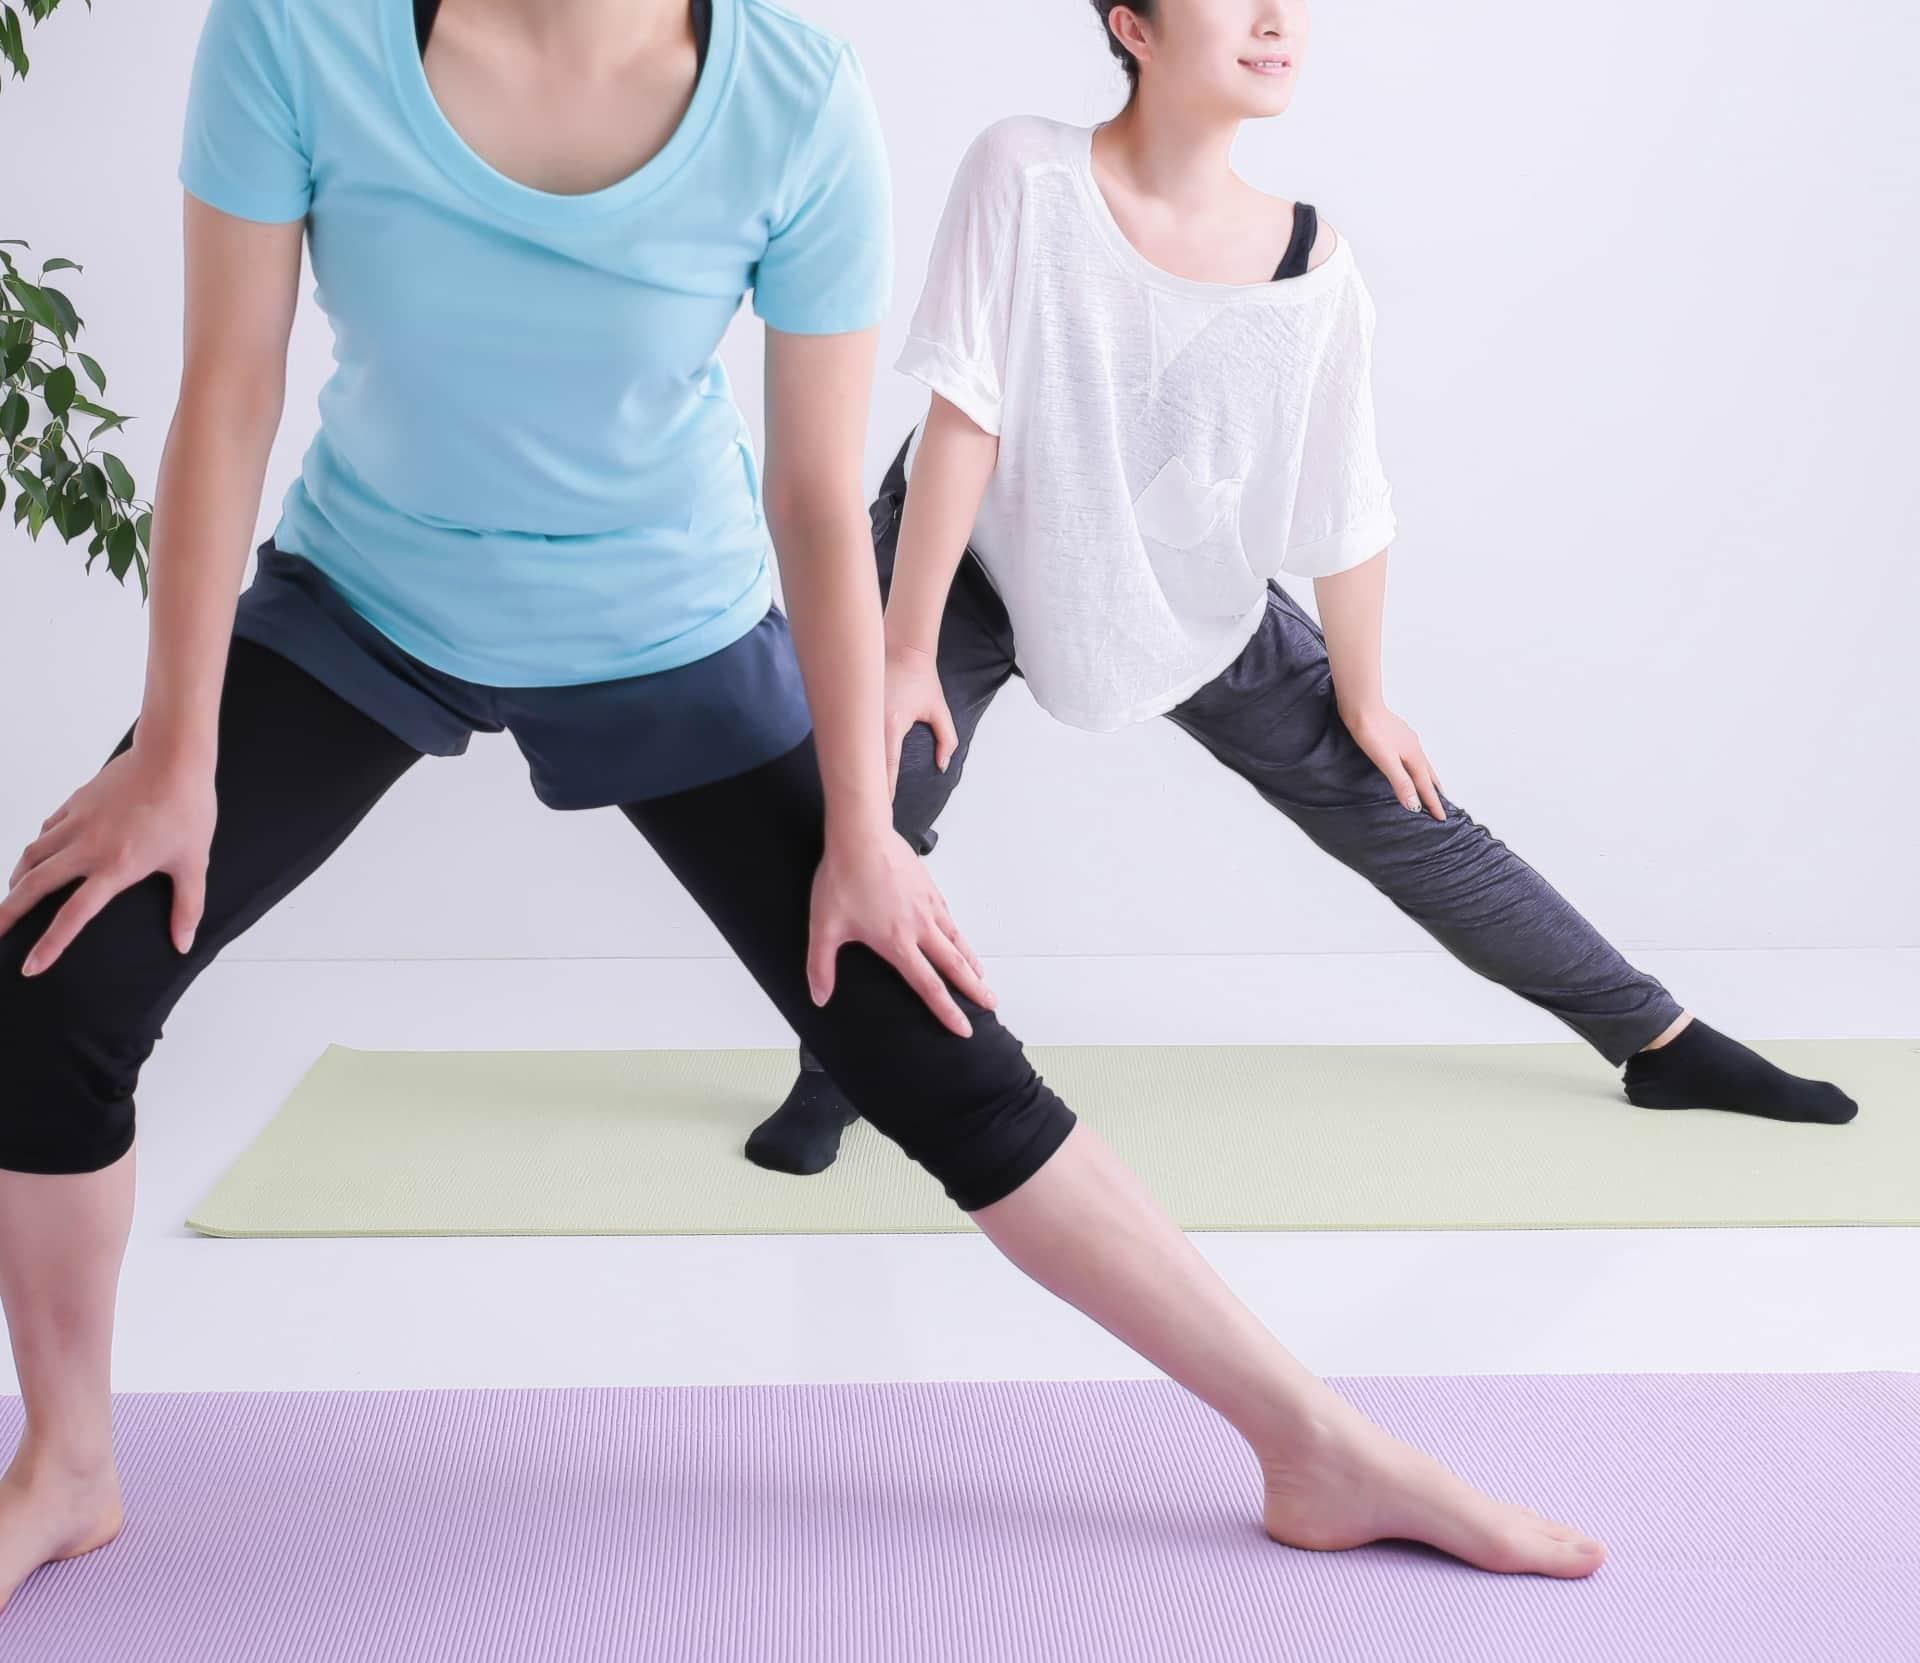 柔軟運動をする人